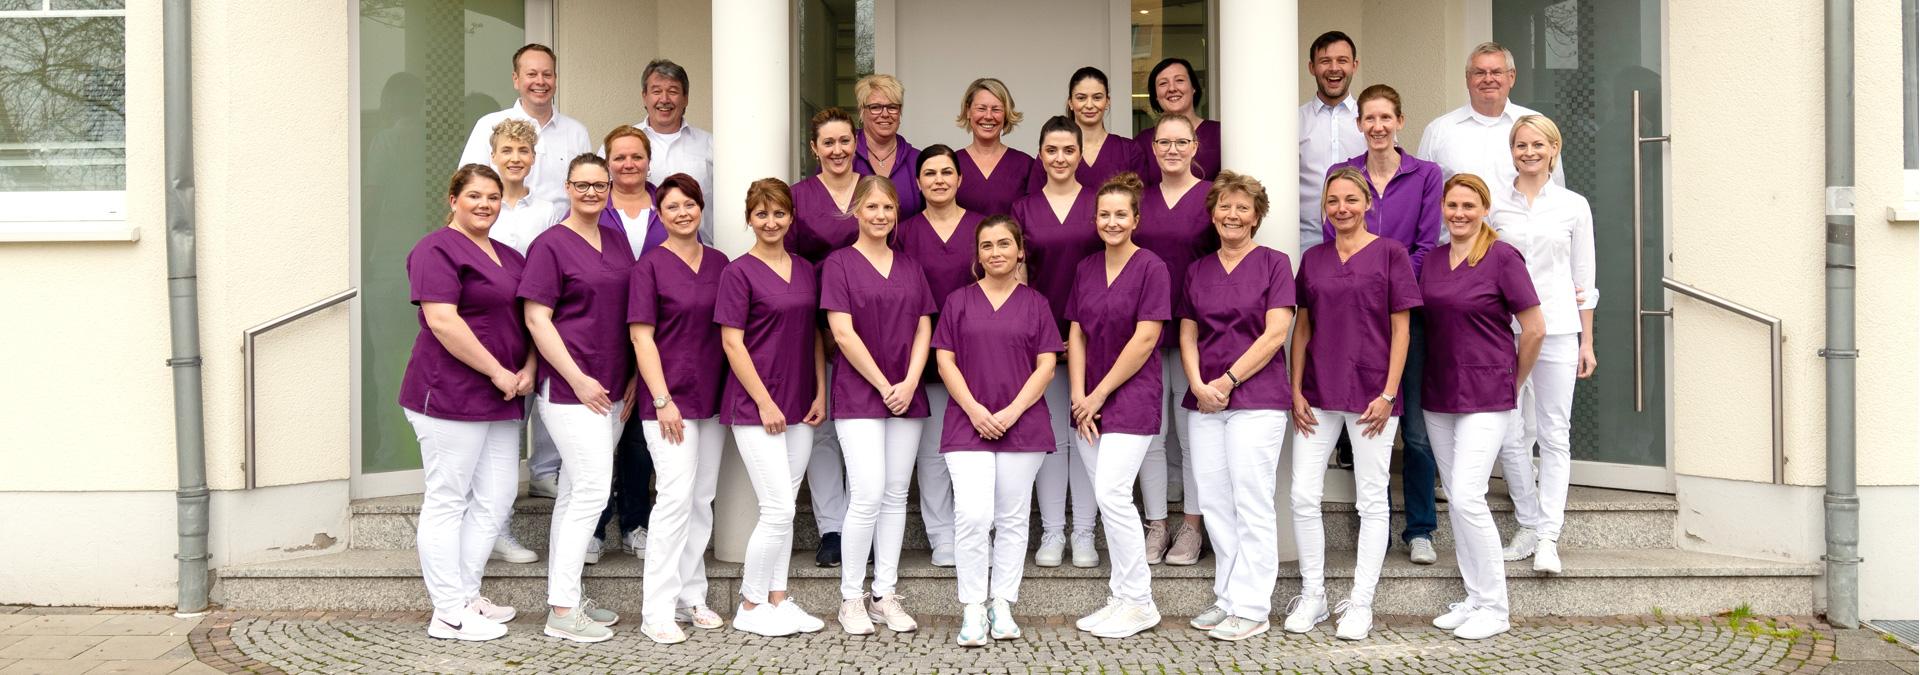 Praxisteam - Dr. Stanke & Kollegen - Ihre Zahnarztpraxis mit eigenem Dentallabor in Hamm.